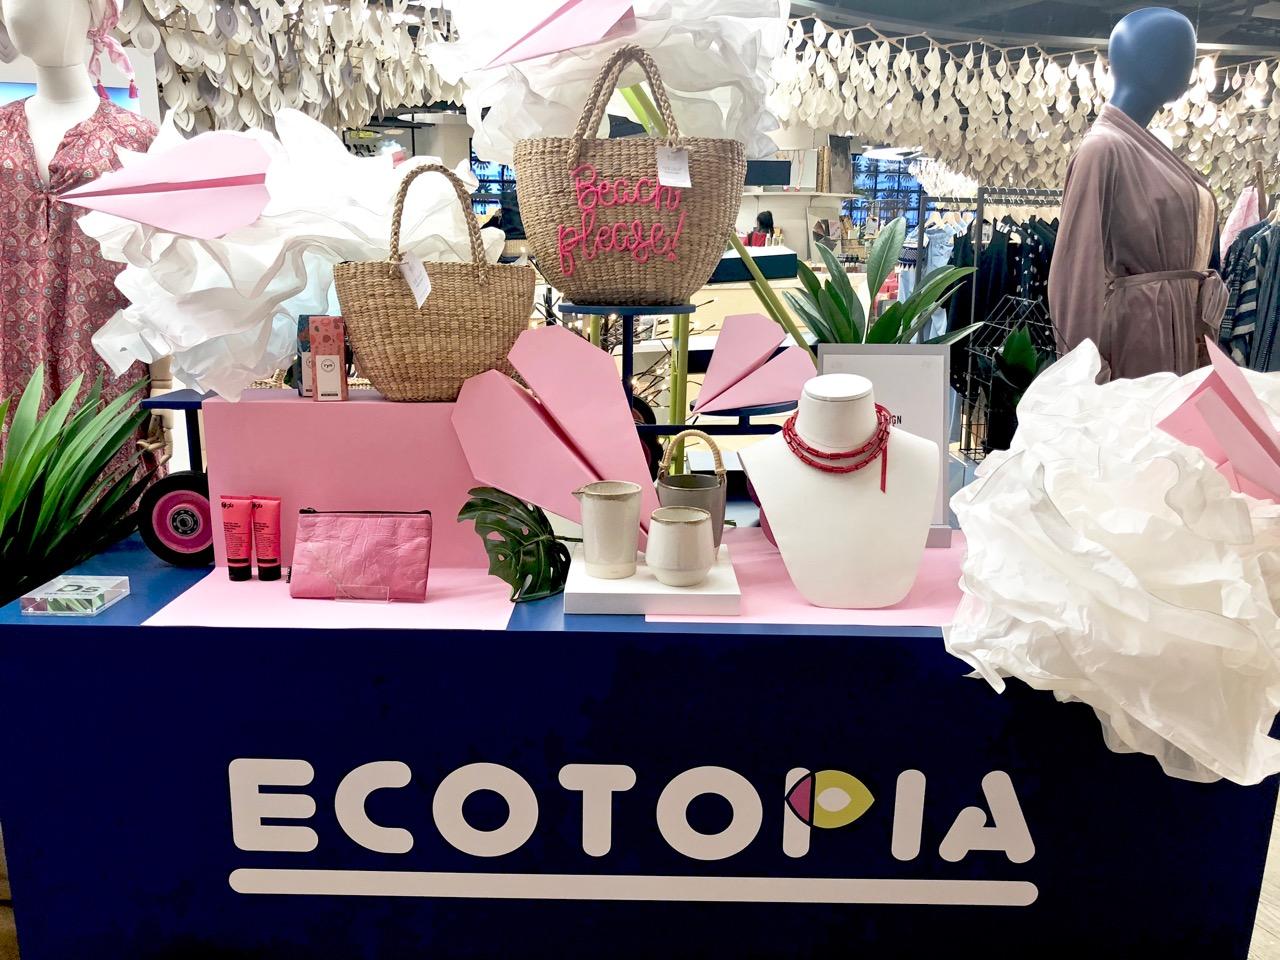 Bangkok luonnonkosmetiikka Ecotopia